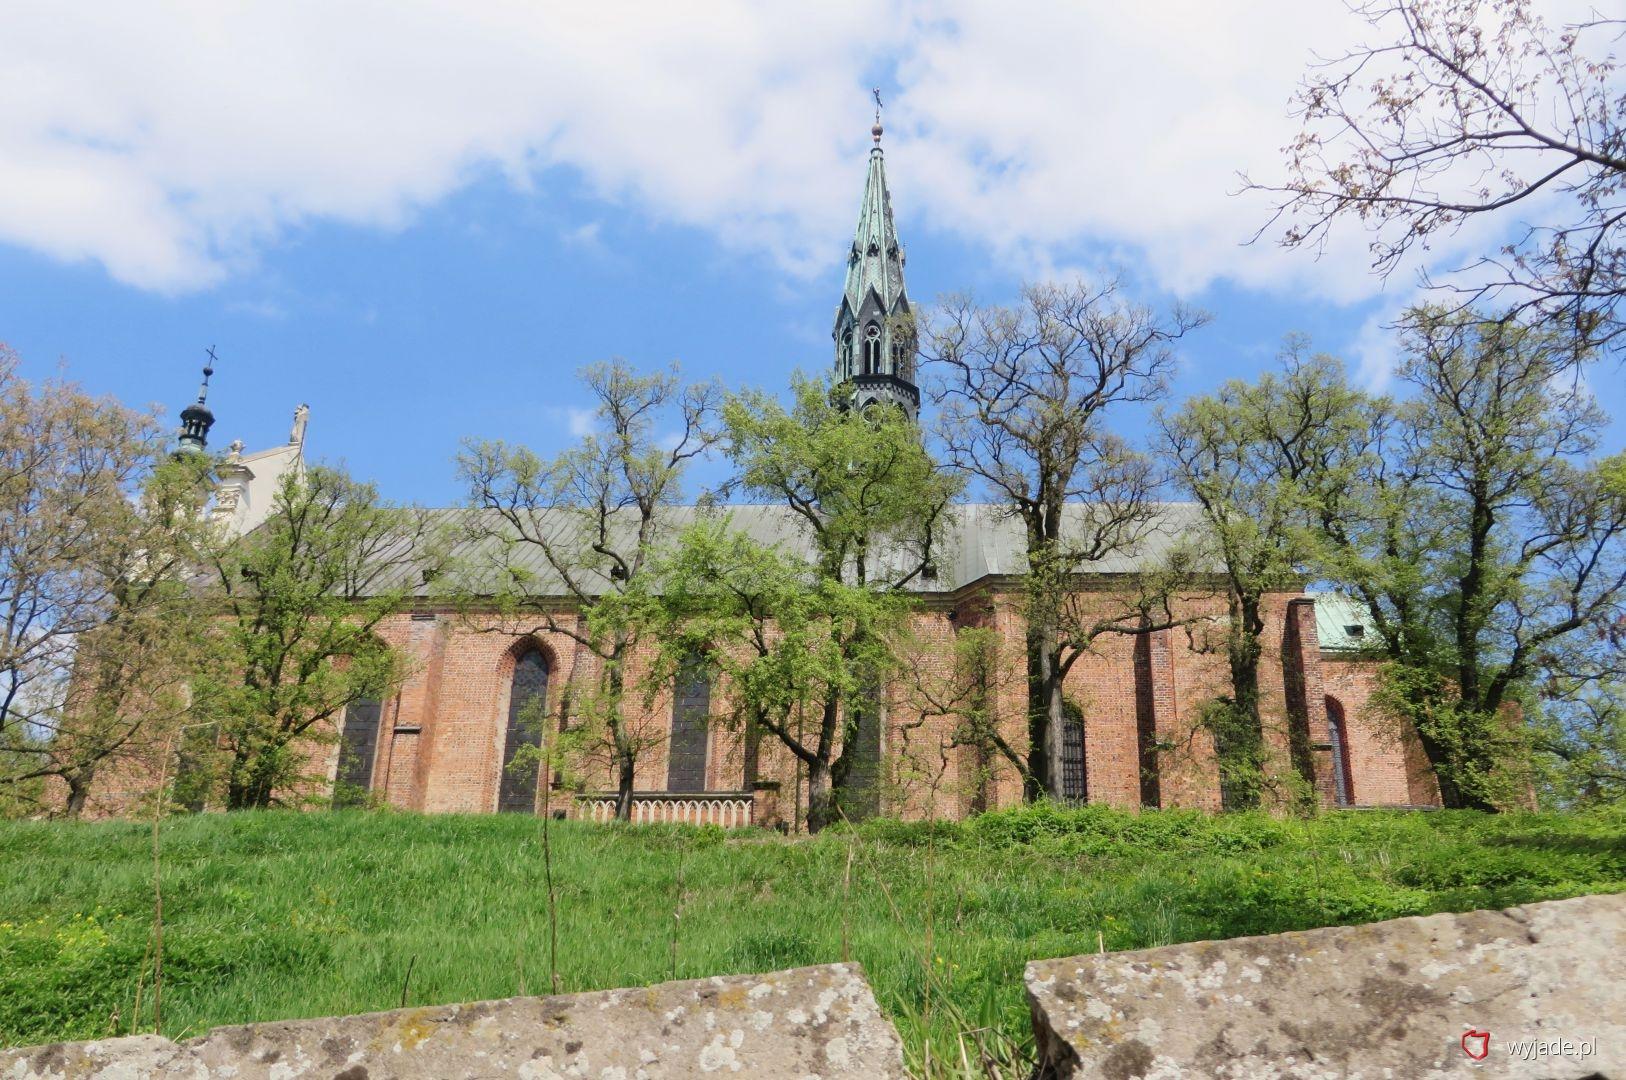 Bazylika katedralna Narodzenia Najświętszej Maryi Panny